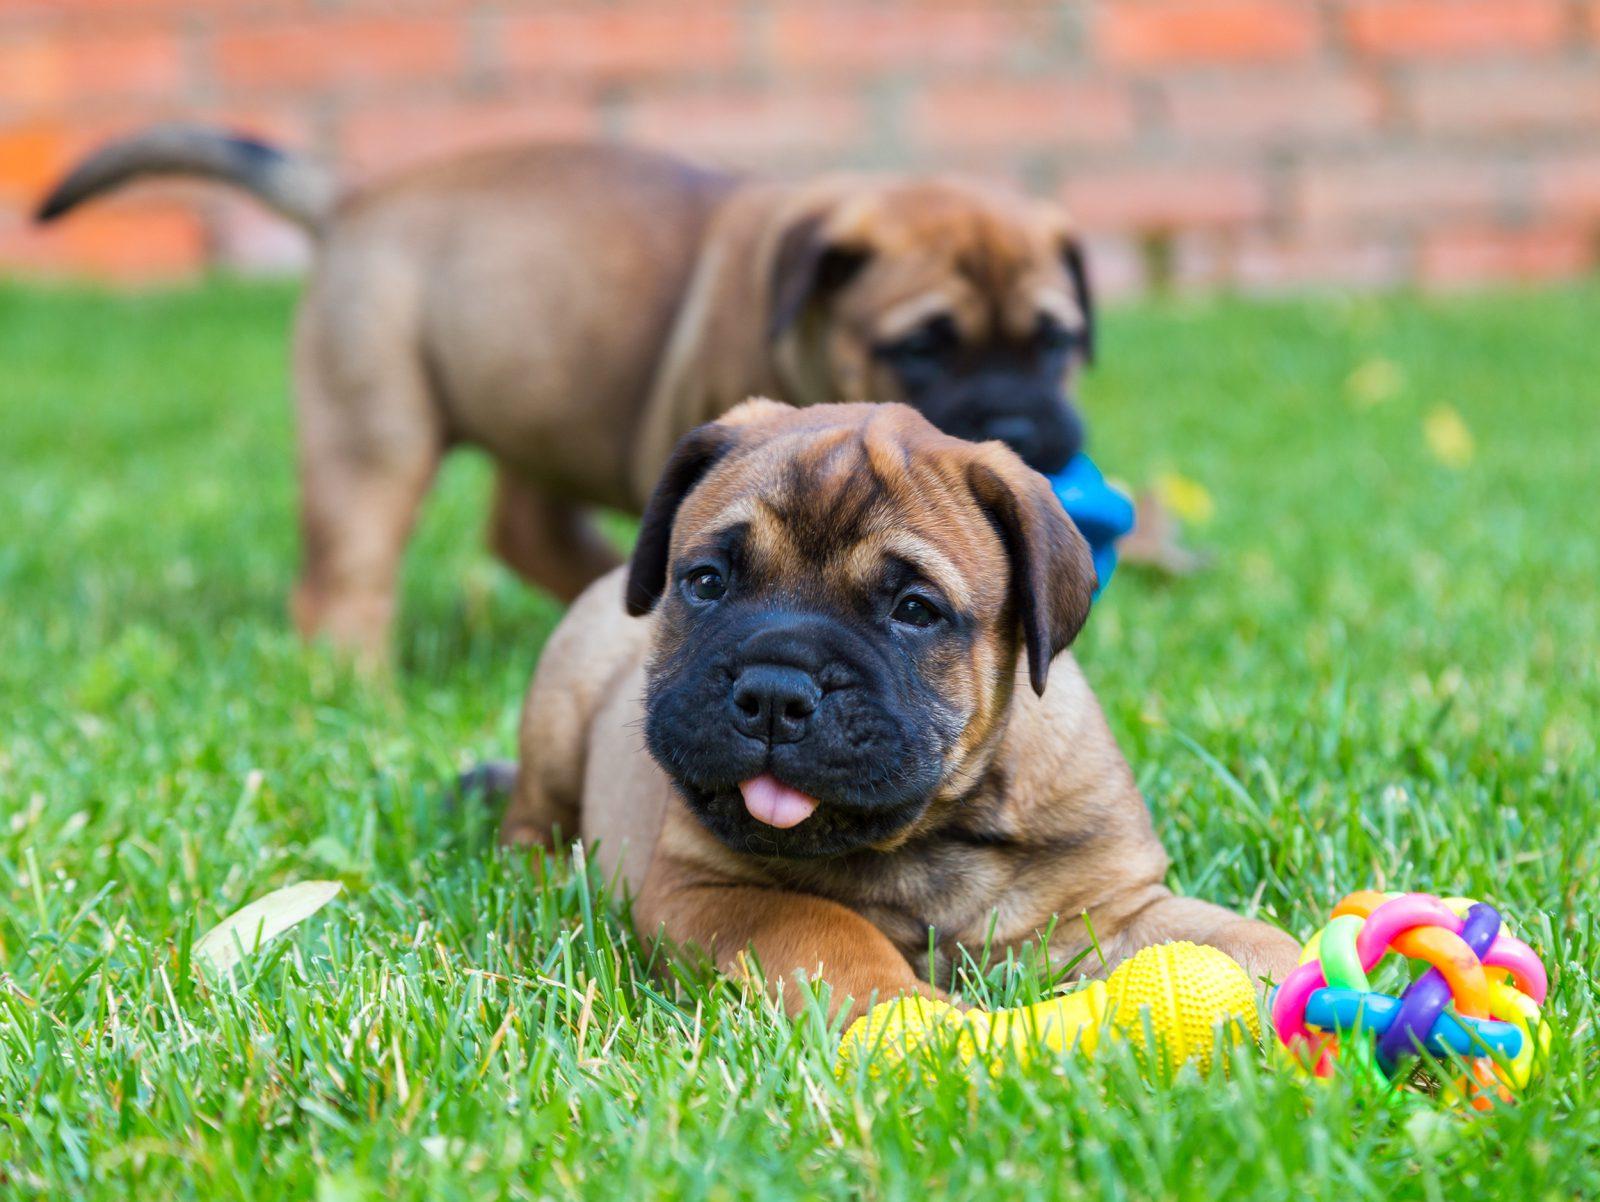 Filhotes de Bulmastife brincando e interagindo juntos no gramado com vários brinquedos para cachorros diferentes.